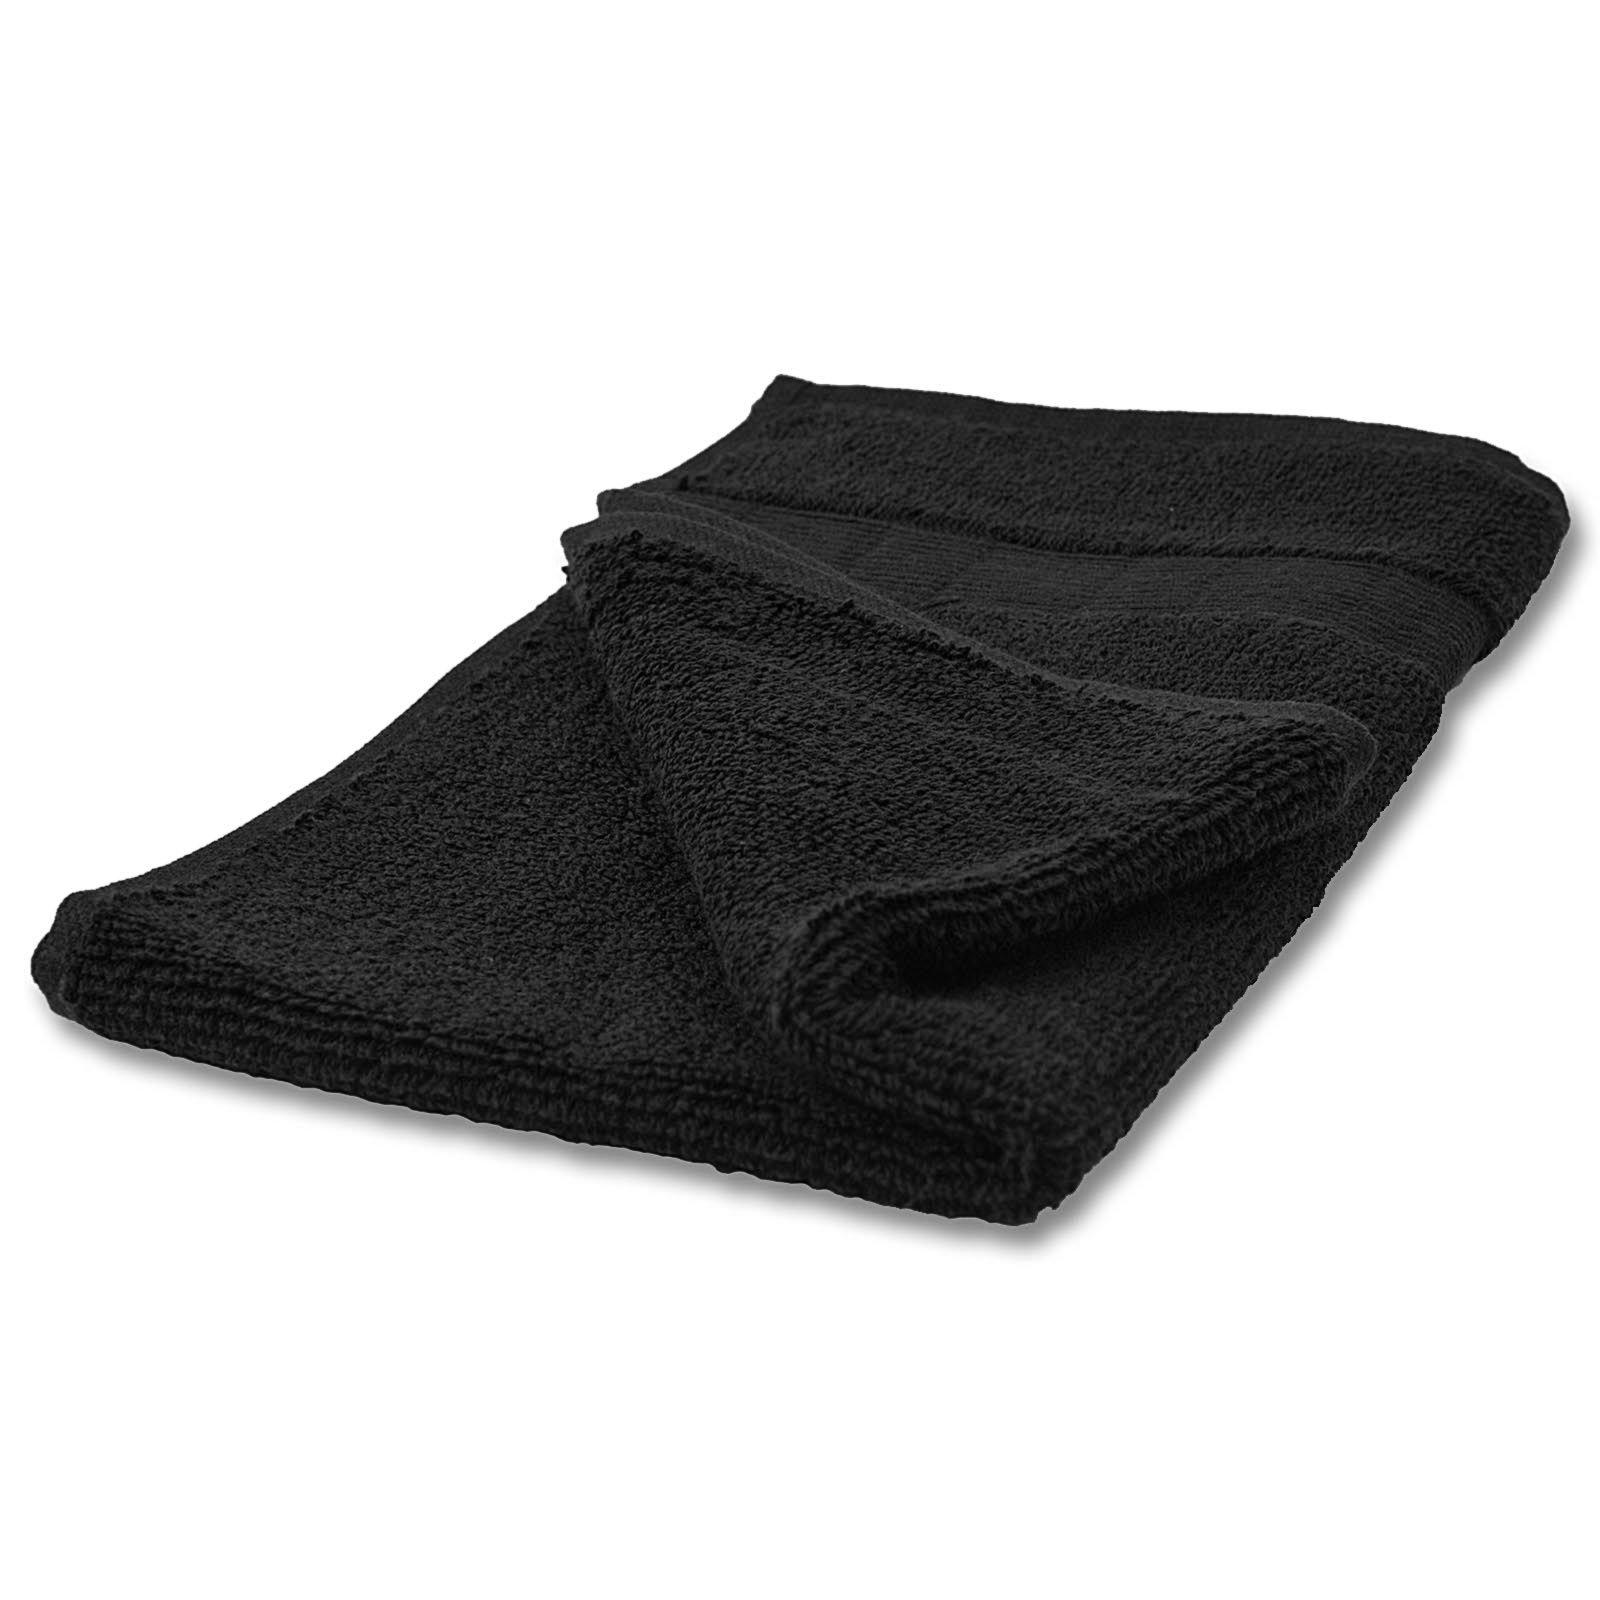 Gästehandtuch CAESAR - schwarz - Baumwolle - 30x50 cm